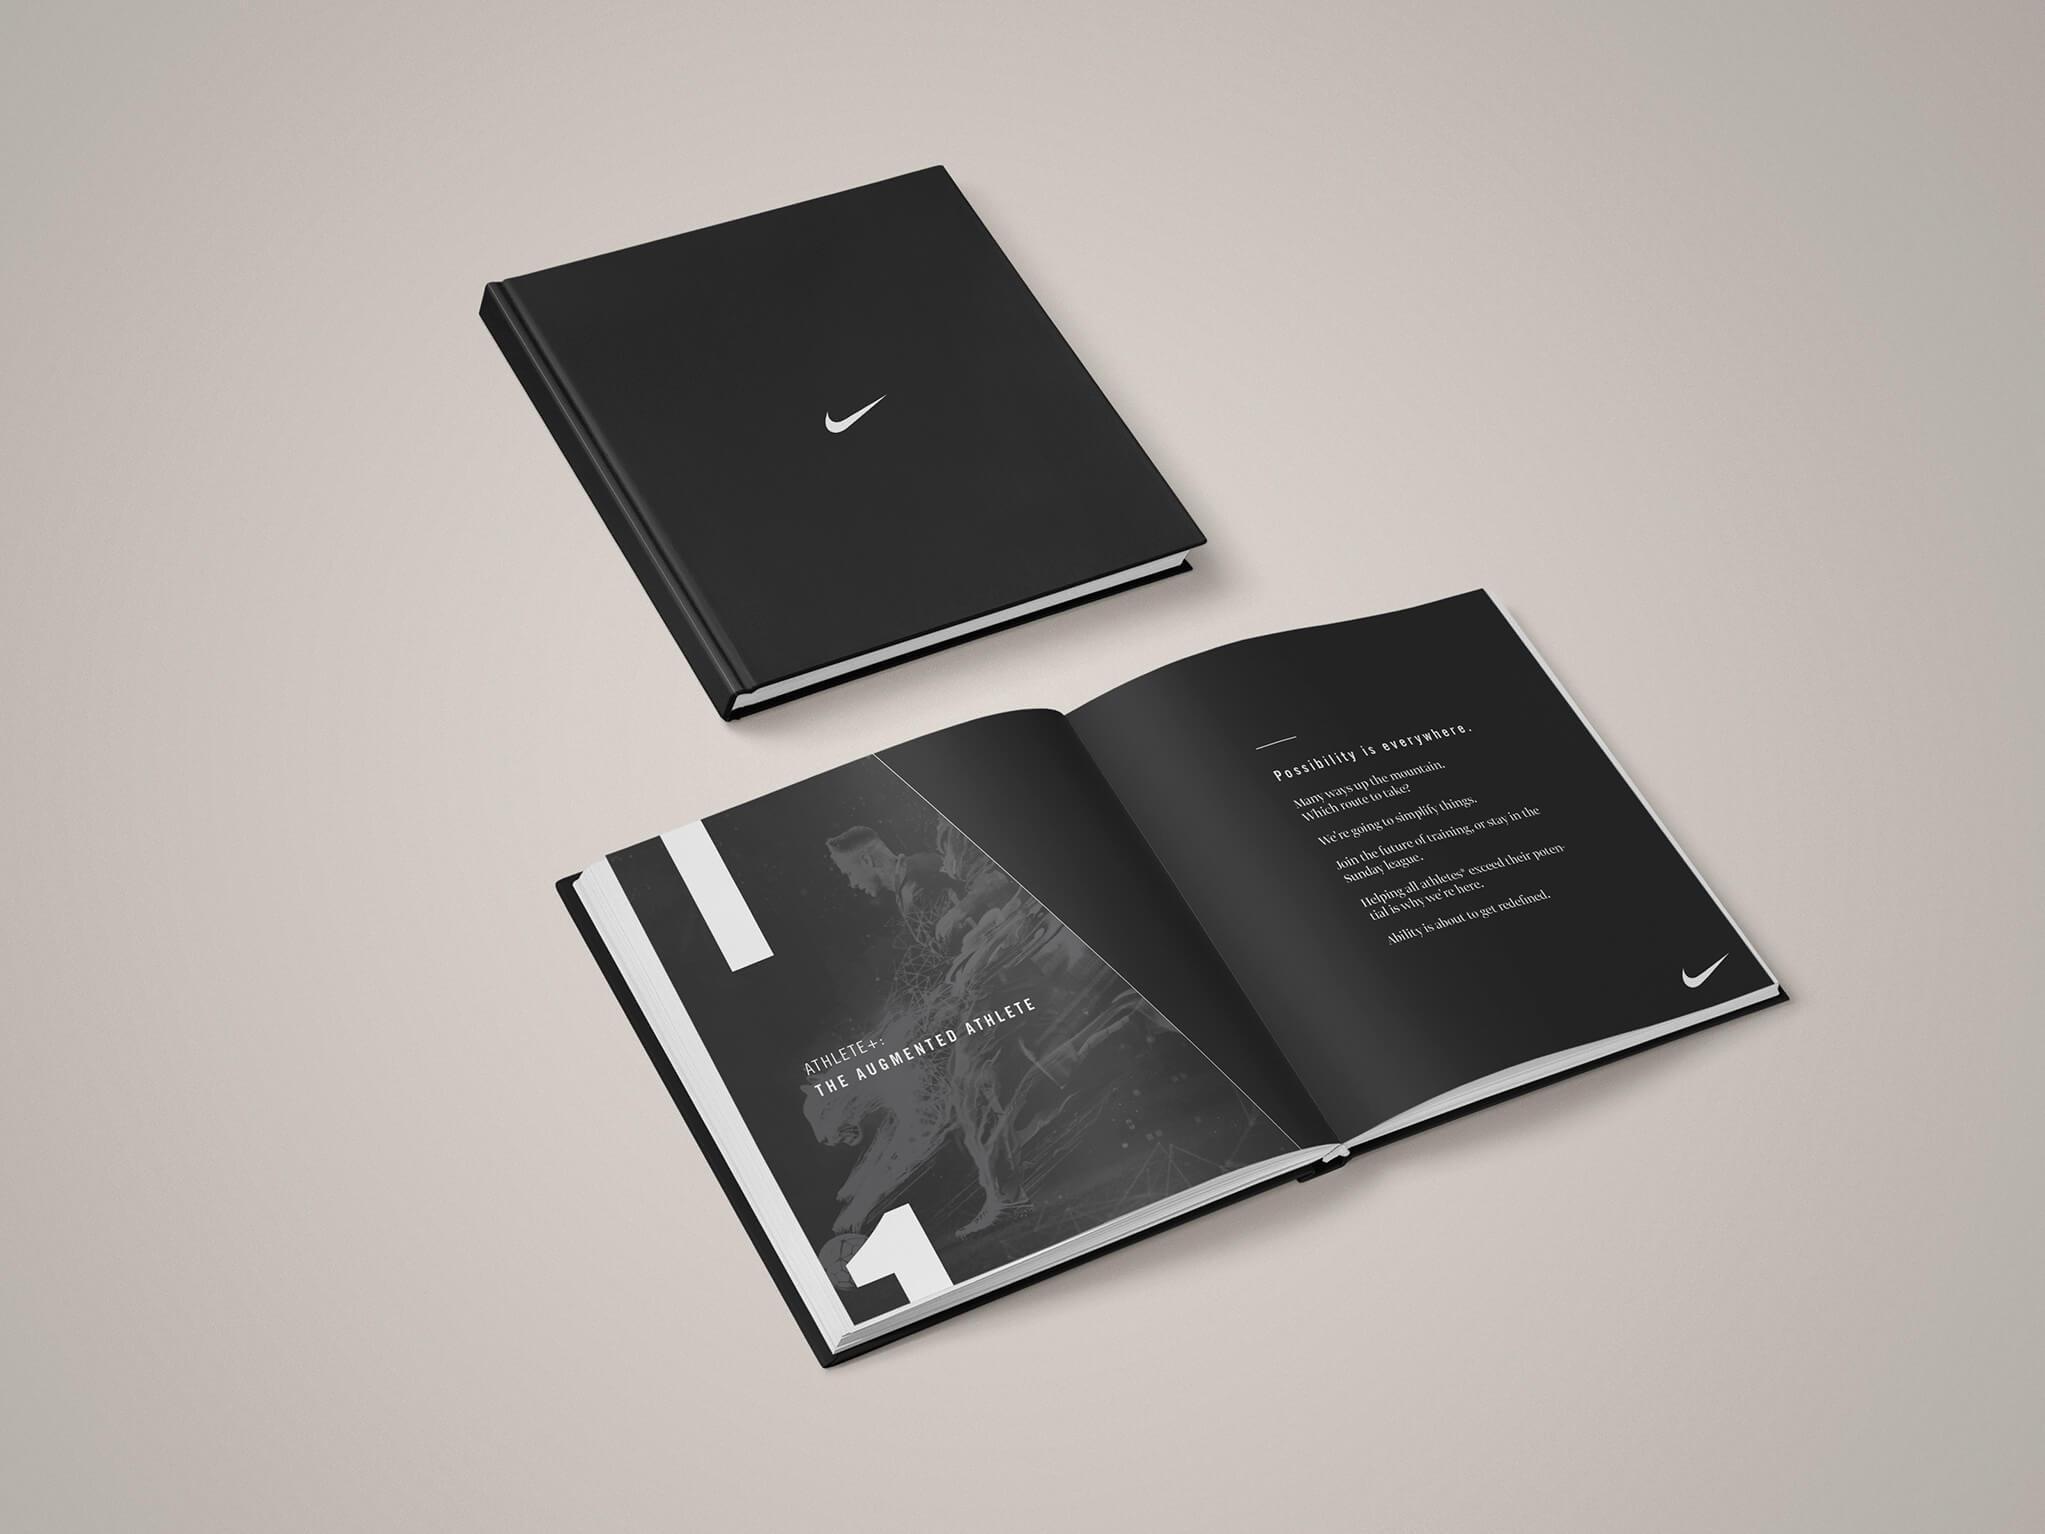 NIKE-BOOK20170507_013